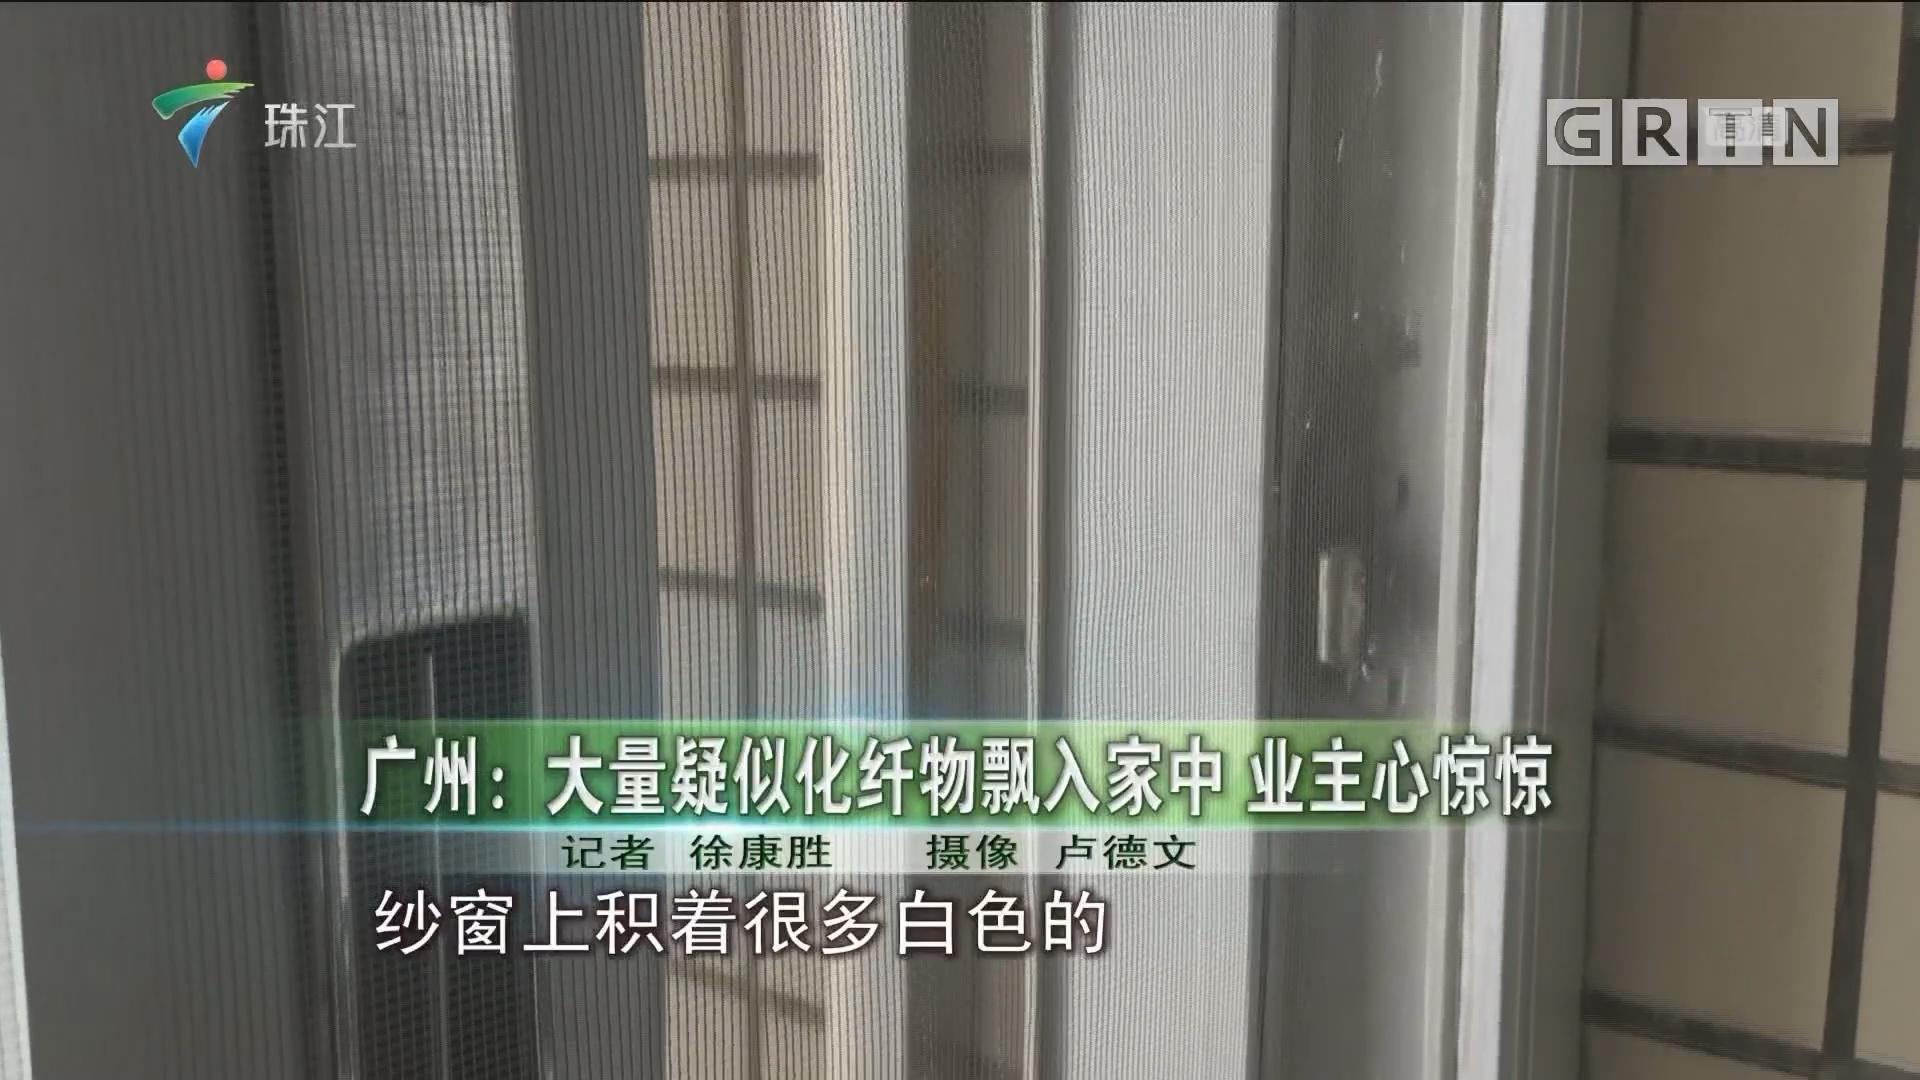 广州:大量疑似化纤物飘入家中 业主心惊惊